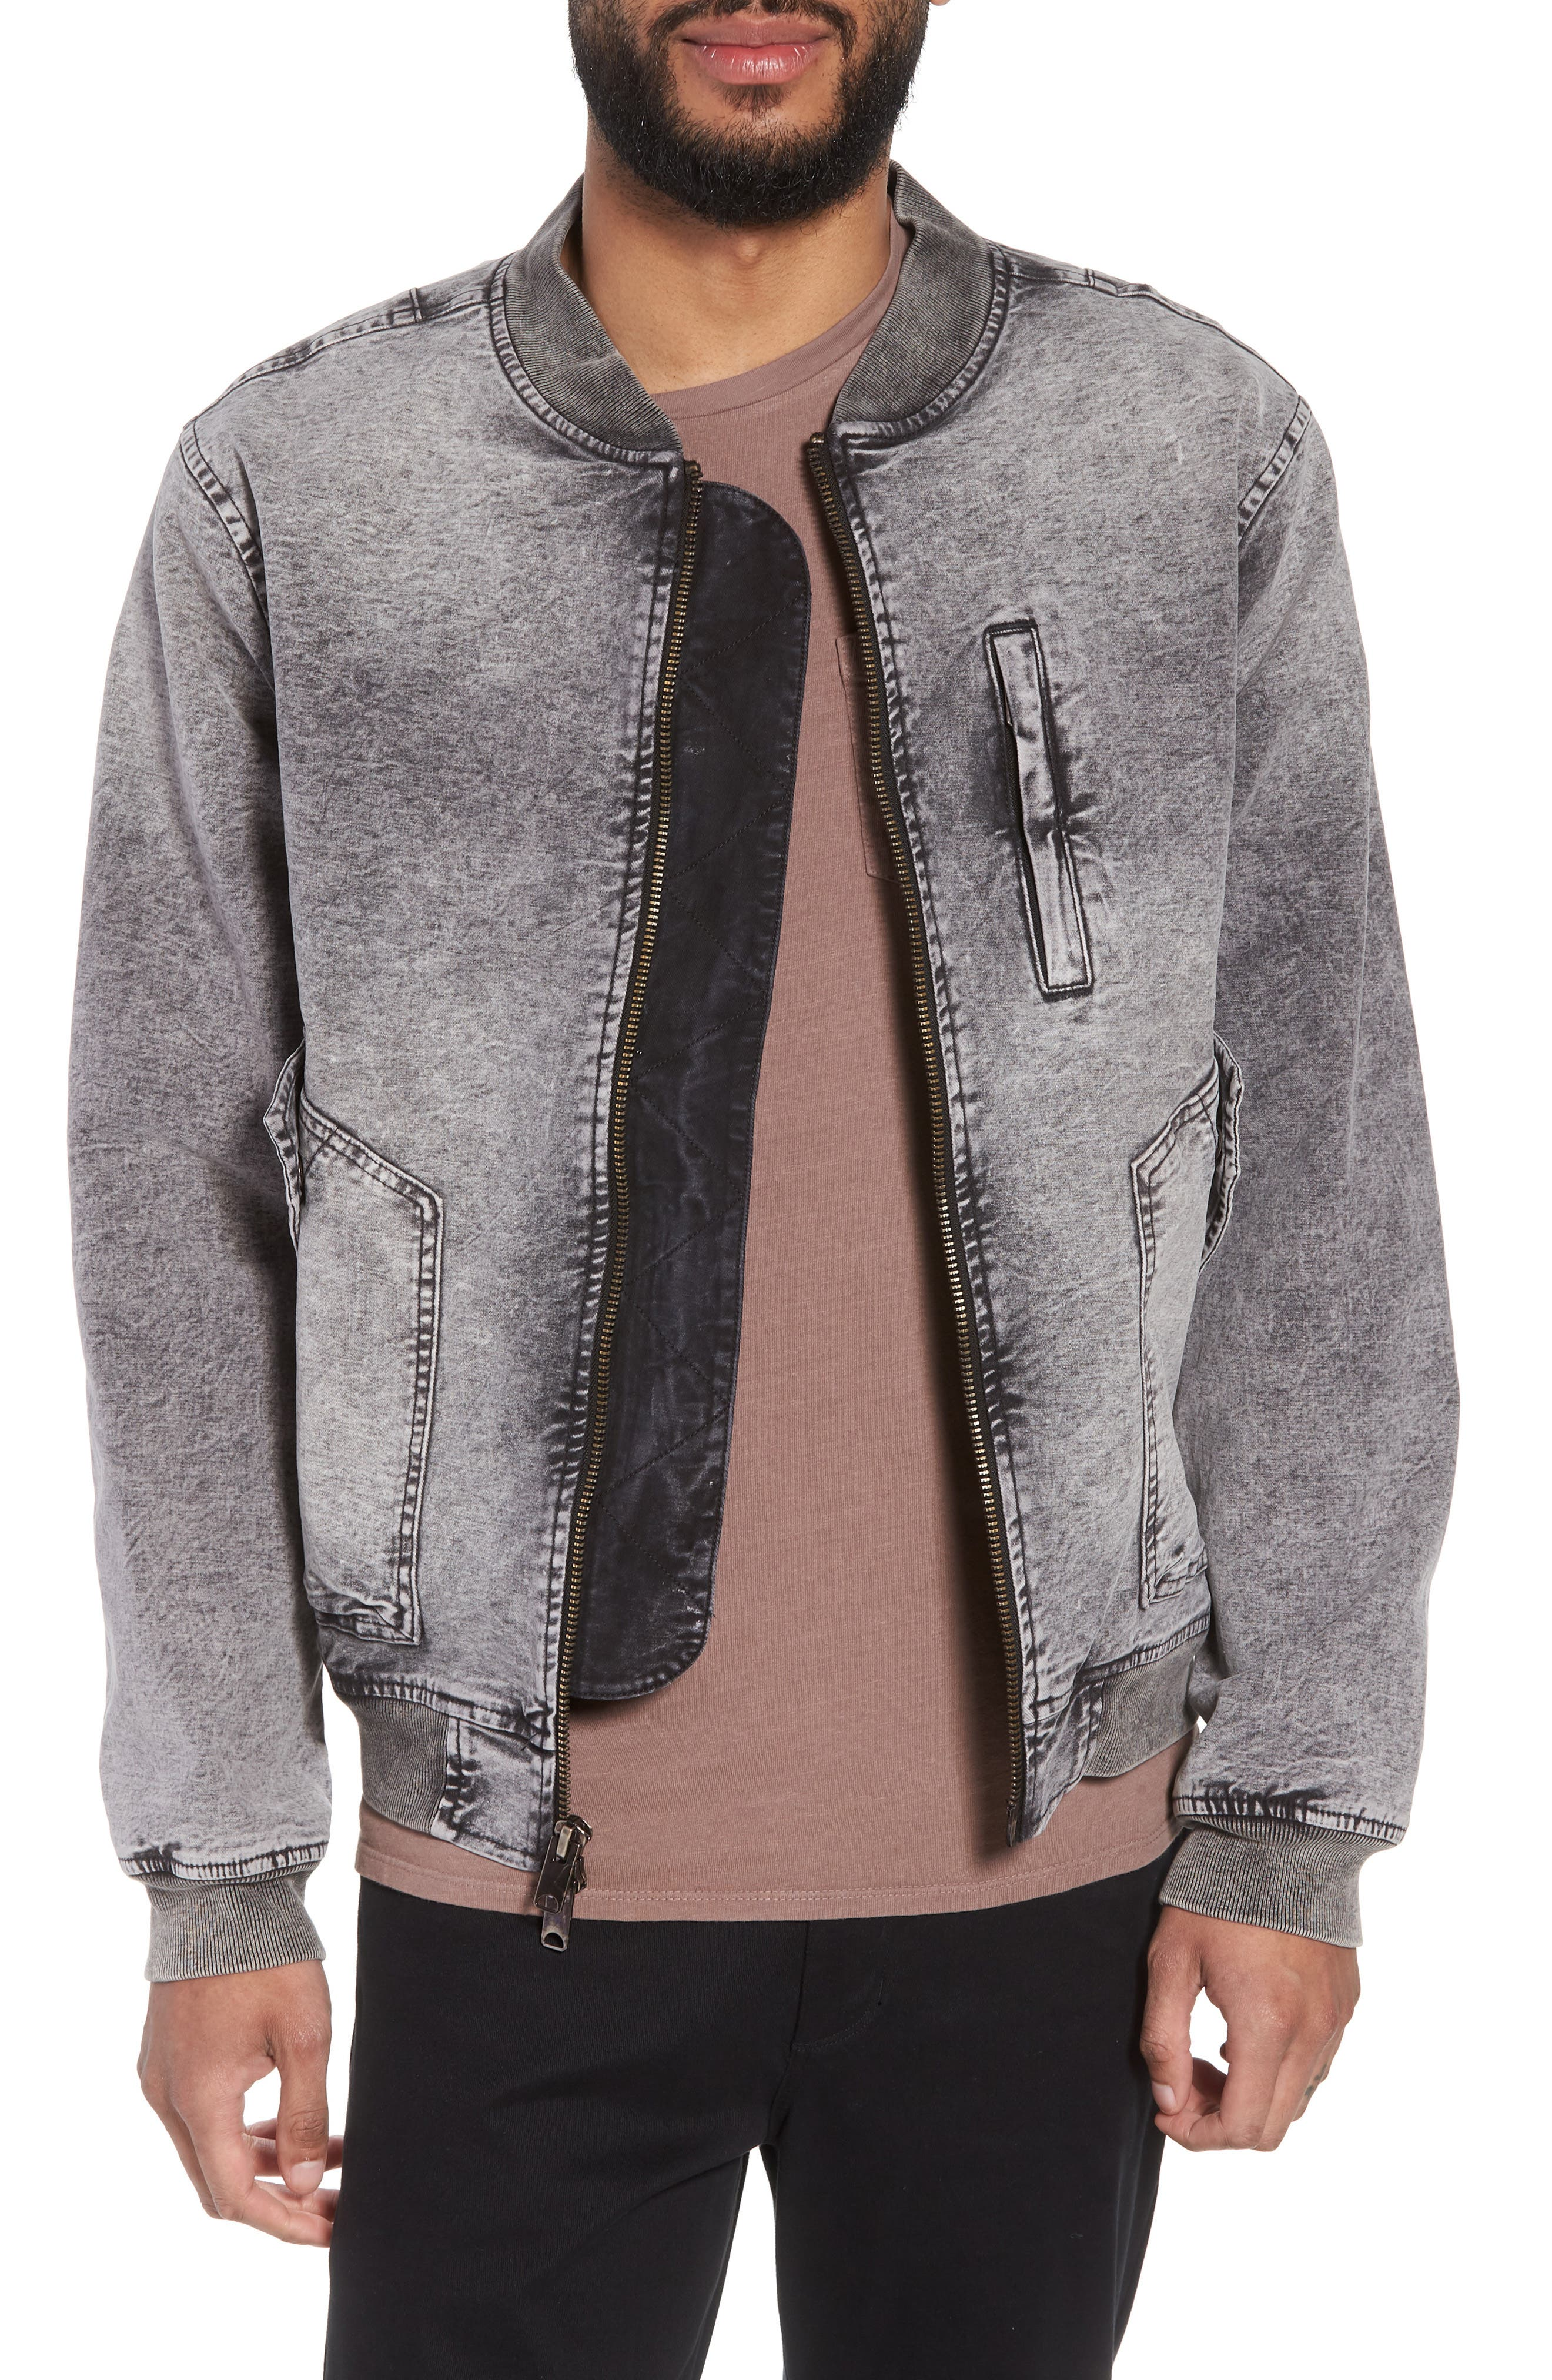 Hudson Regular Fit Bomber Jacket,                         Main,                         color, Mineral Black